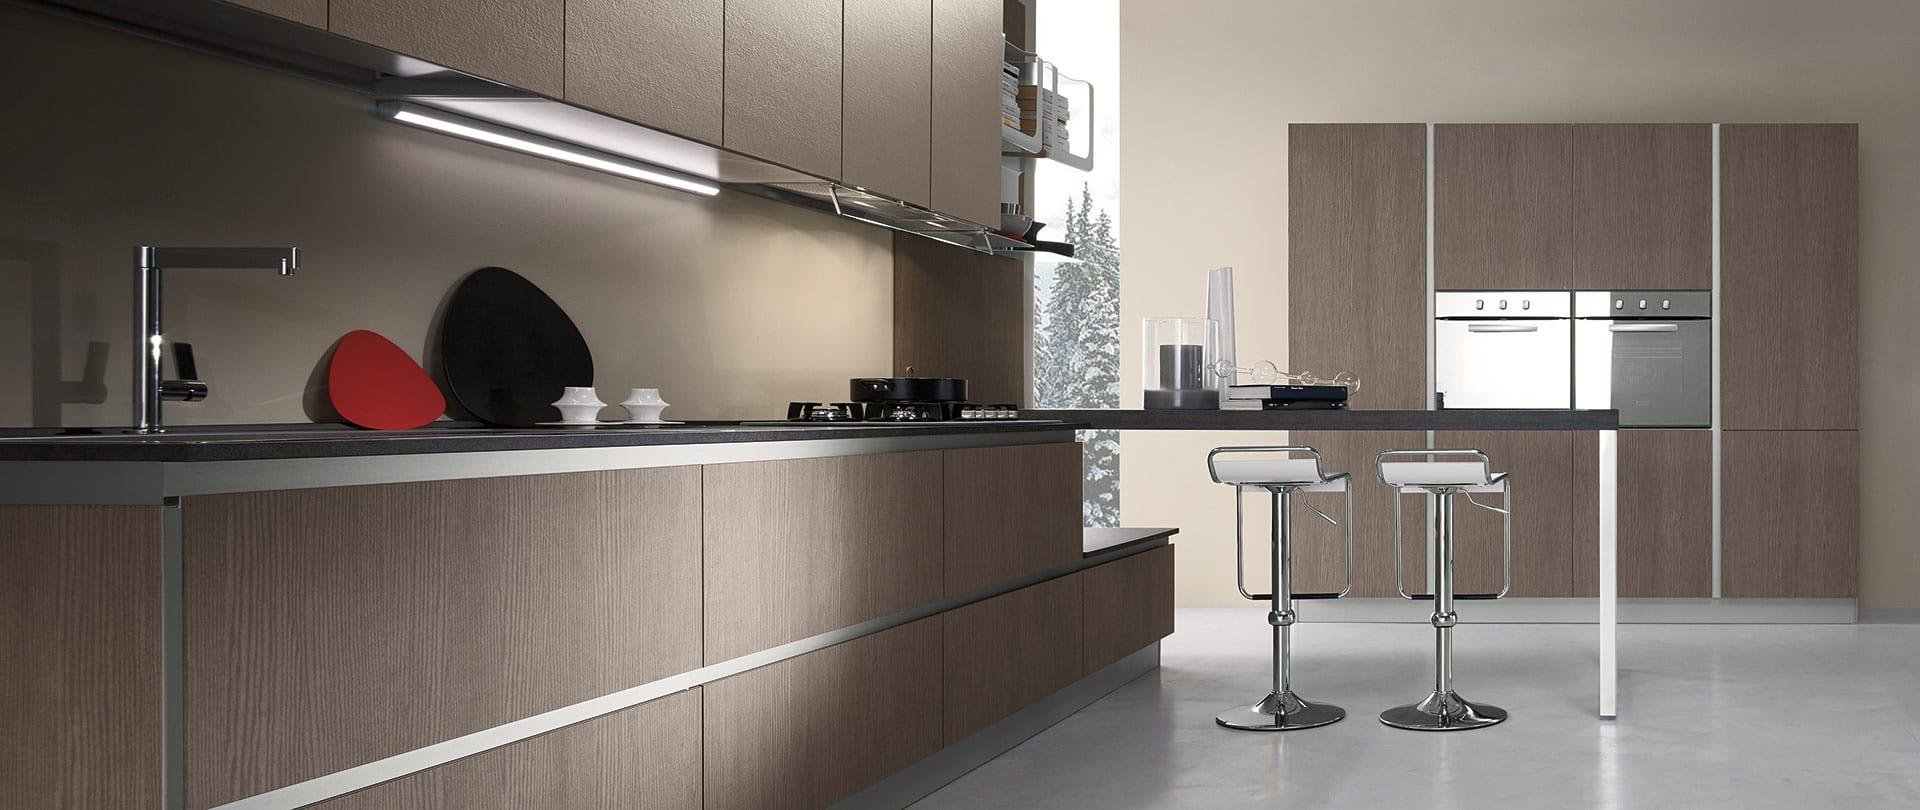 cucina-moderna-stratos-aleve-cenere-att-argilla